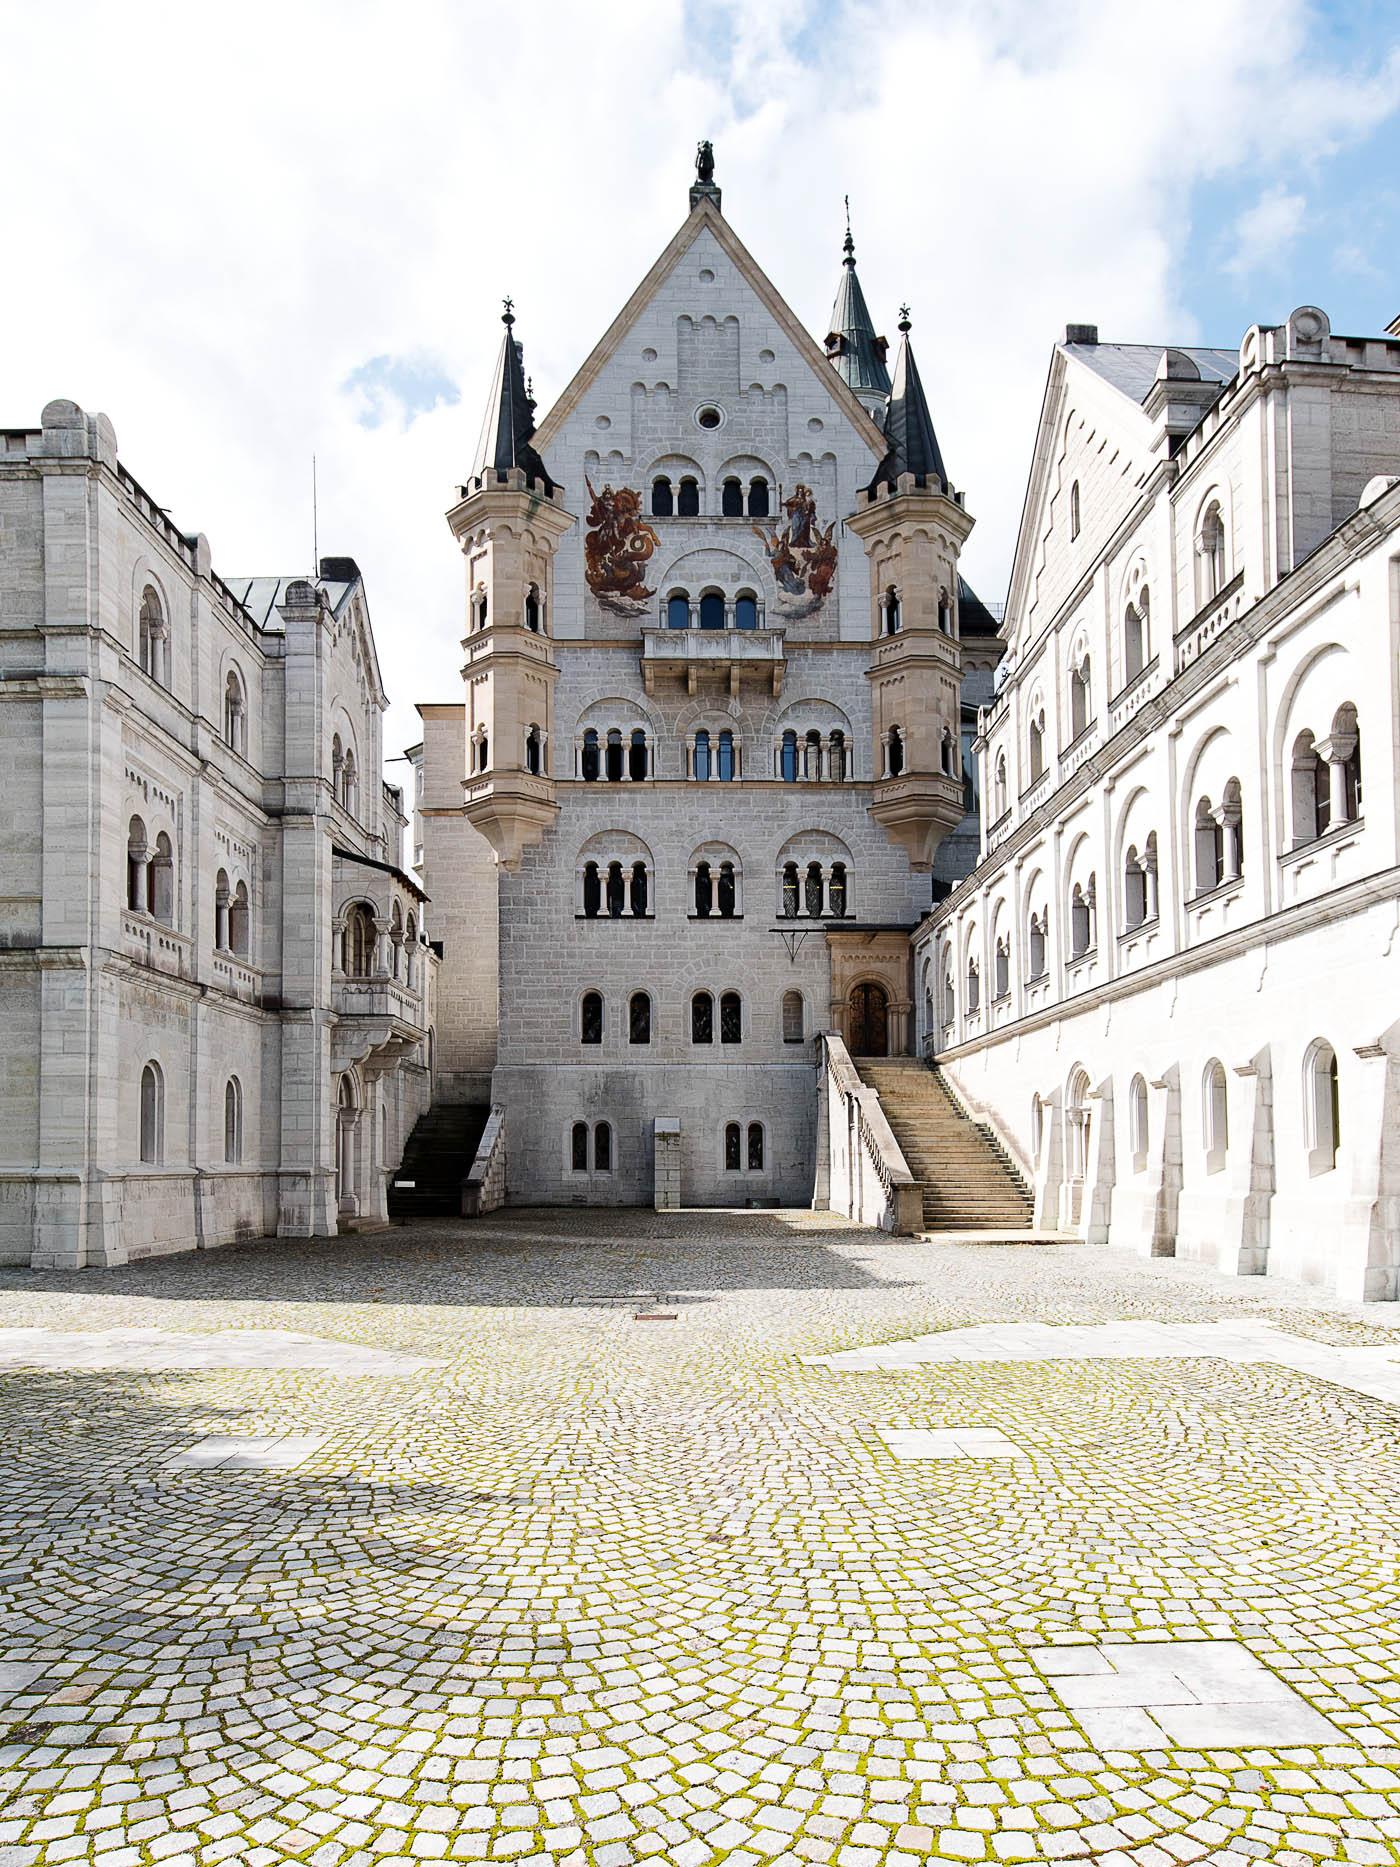 schloss-neuschwanstein-fuessen-allgaeu-royal-castle-neuschwanstein-travelberricht